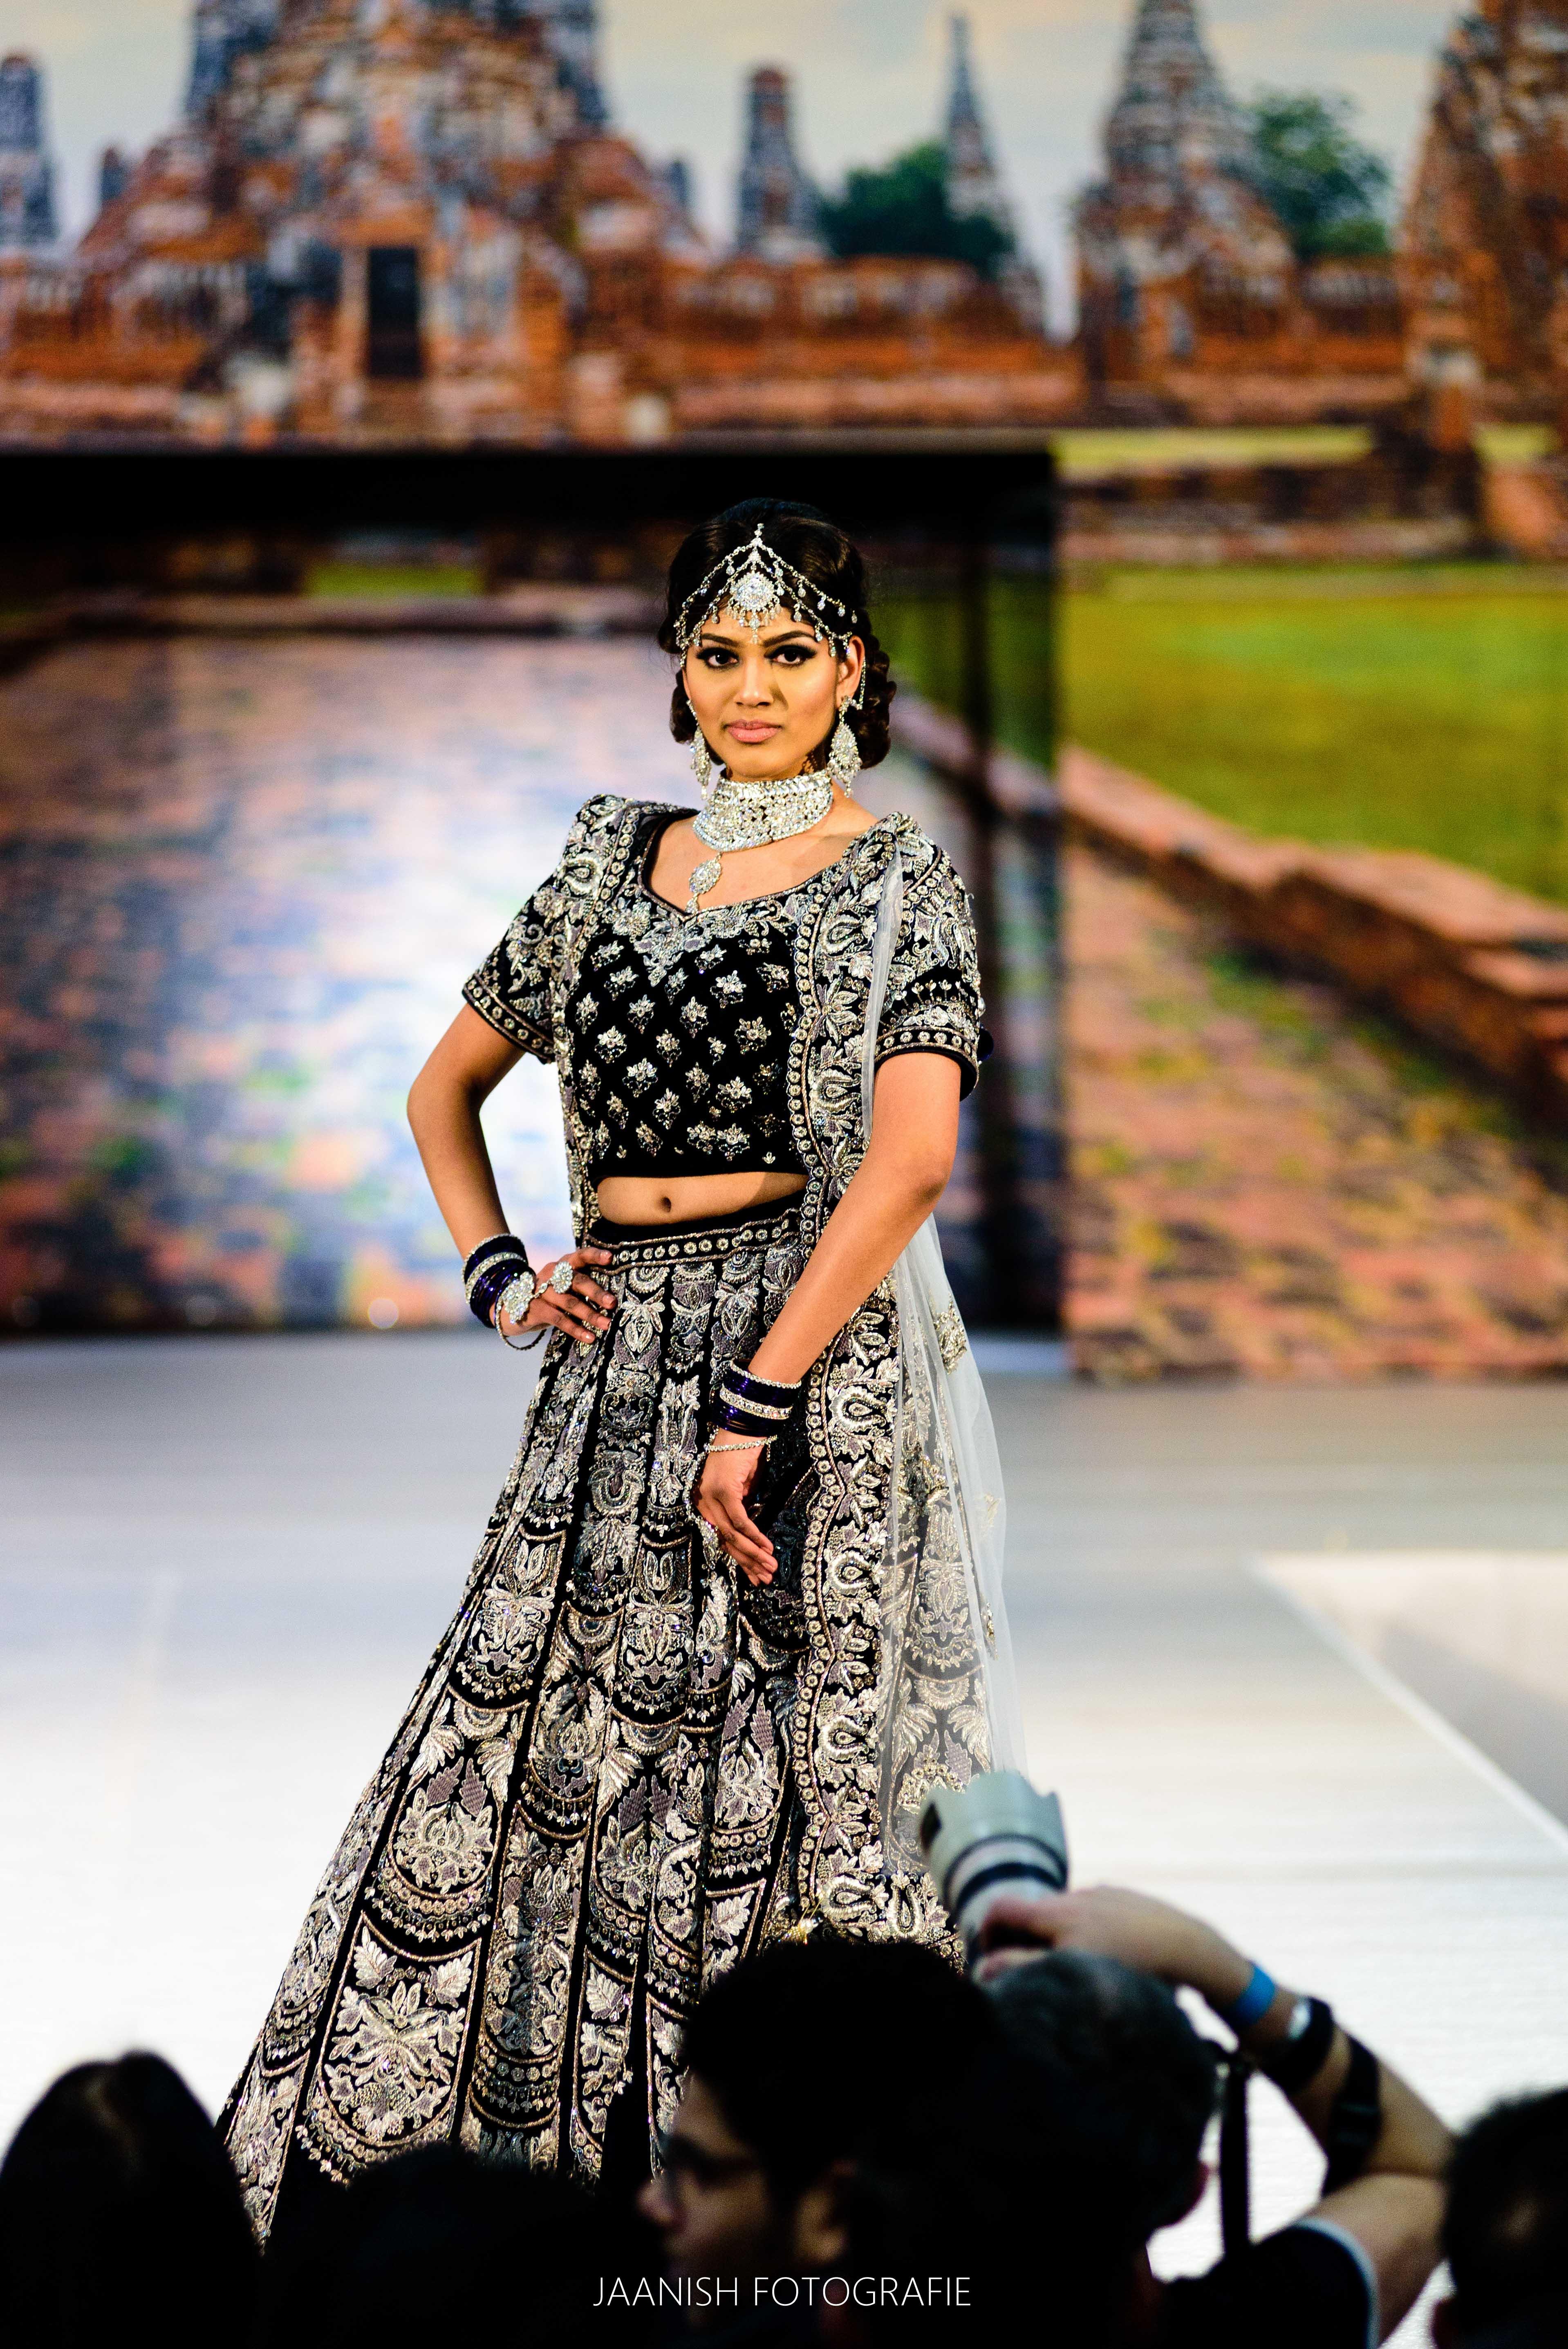 Fashion fotograaf The Big Day 5 wedding beurs 11